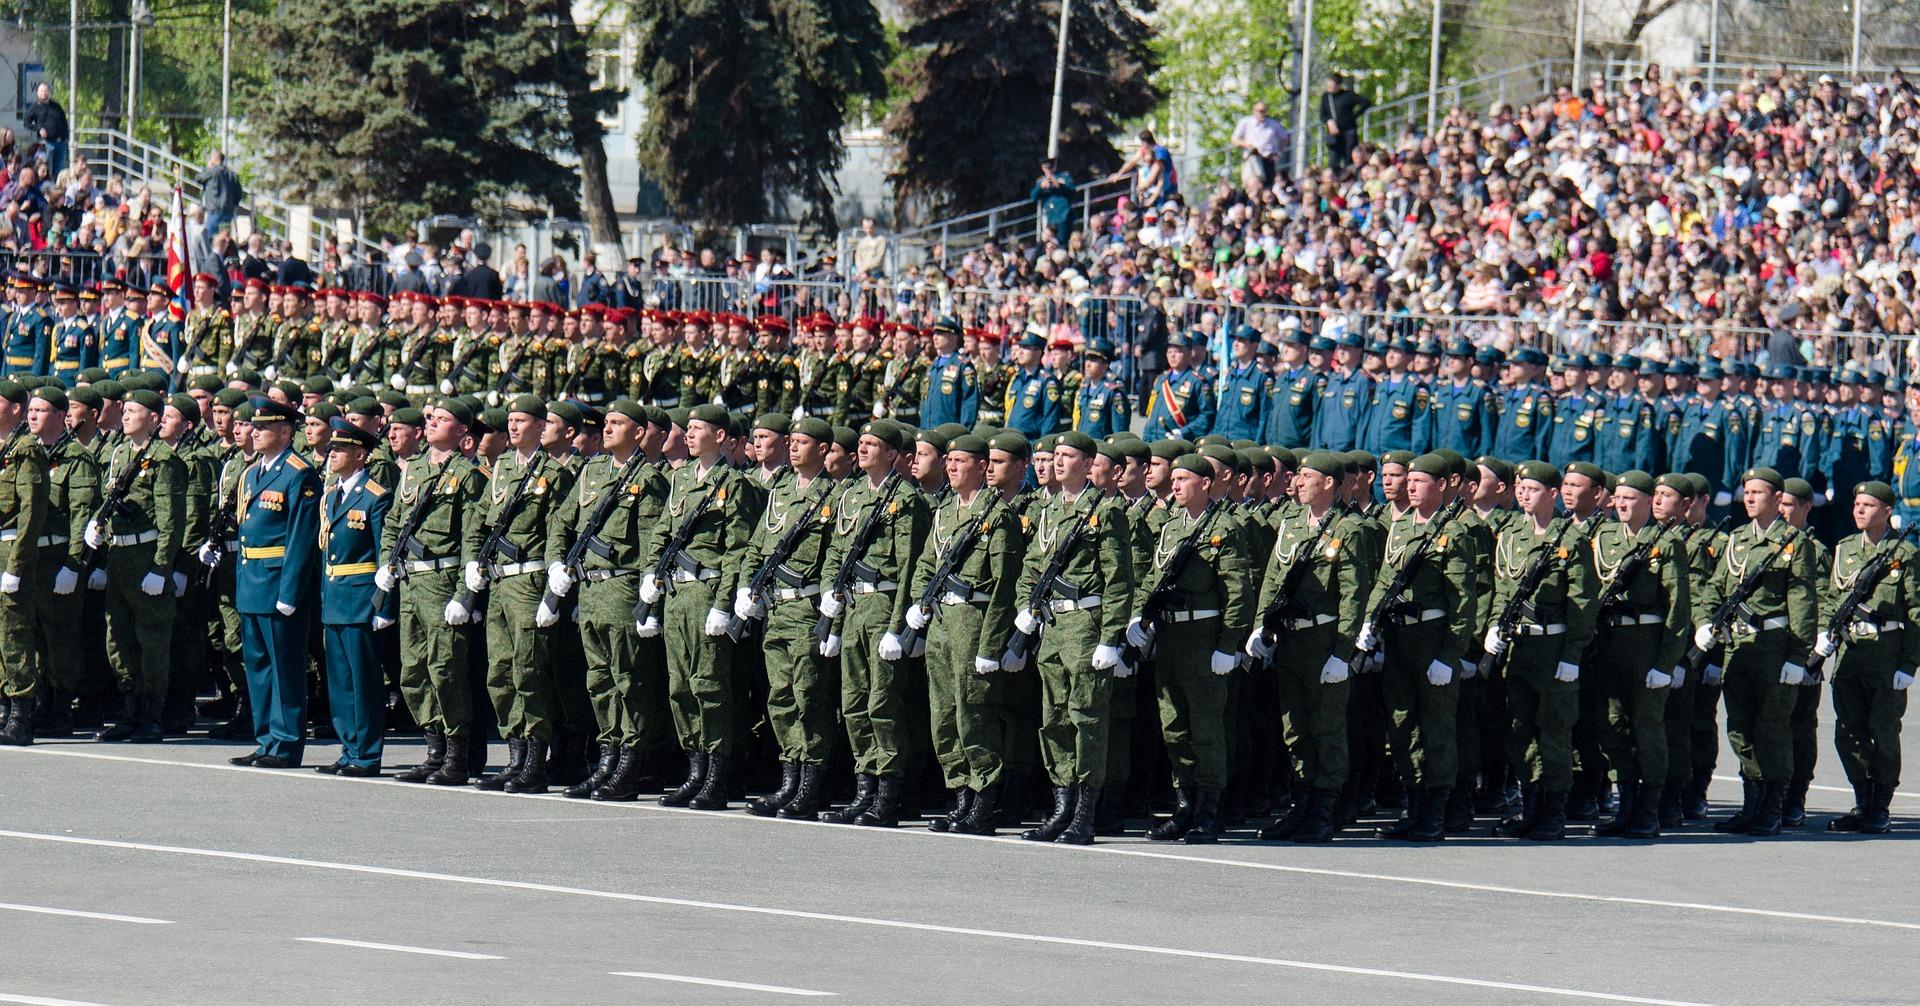 Wojska państw alianckich na paradzie zwycięstwa z okazji zakończenia II wojny światowej. (fot. pixabay.com)